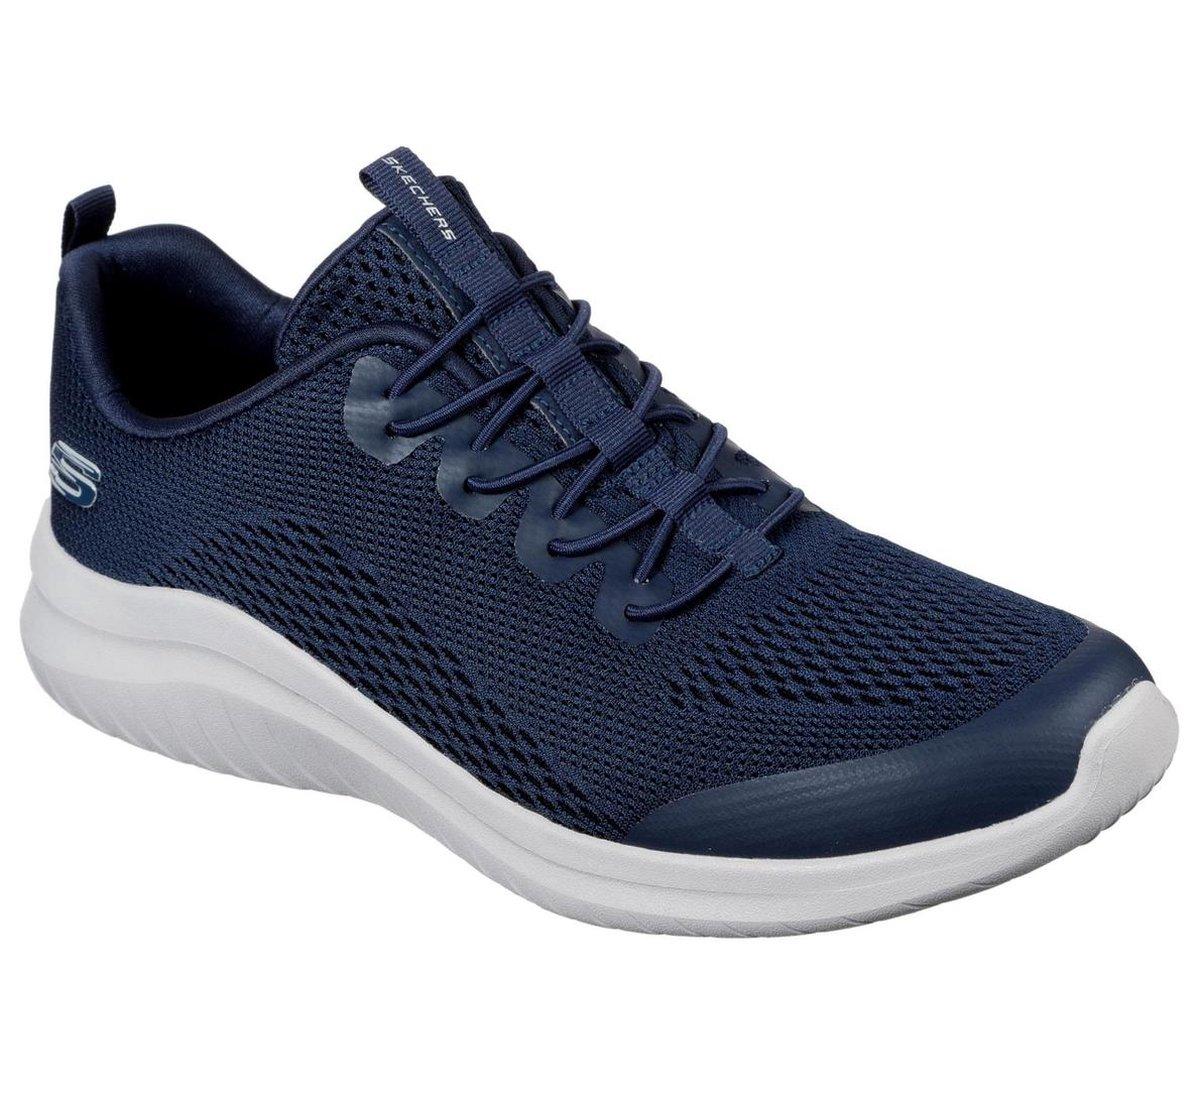 Skechers Elite Flex 2.0 Kelmer Sneakers Maat 46 Mannen navy